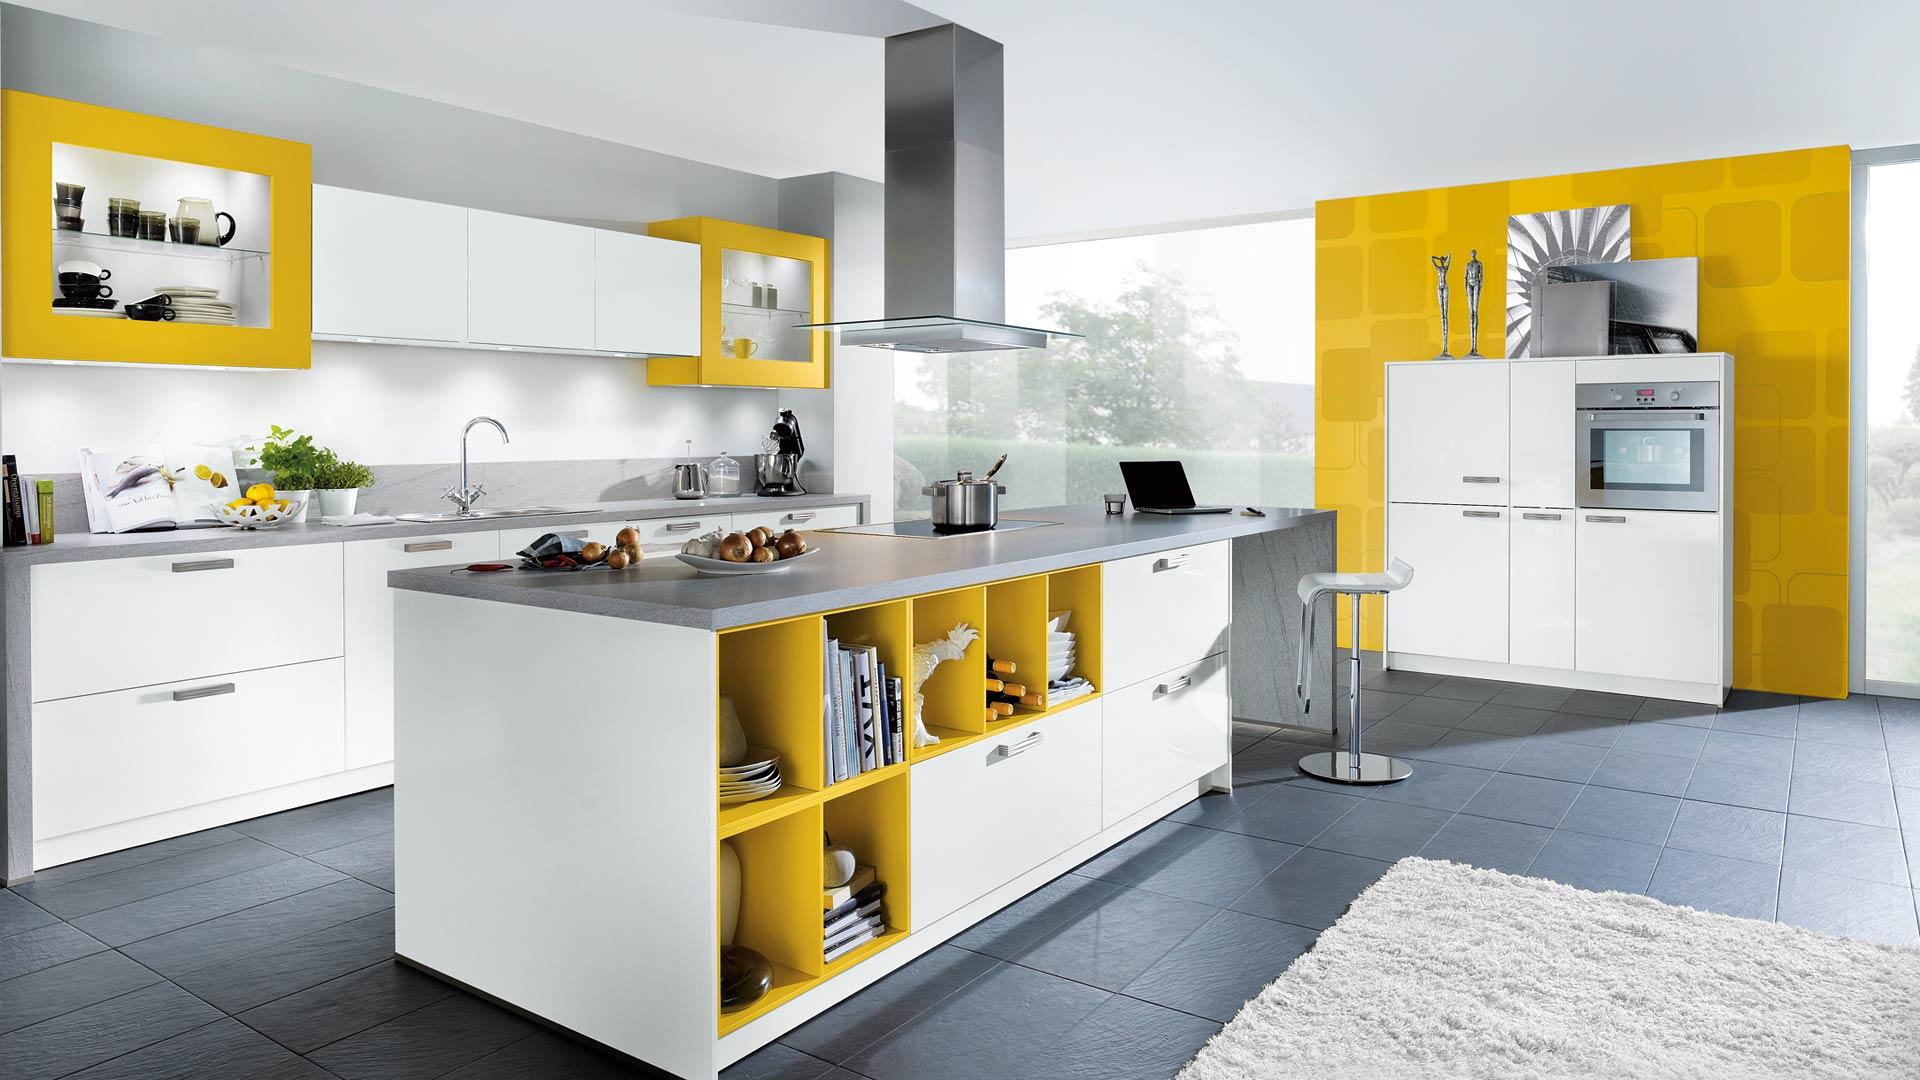 Küchen Emden global küchen 51120 55100 in norden ot neustadt nahe emden